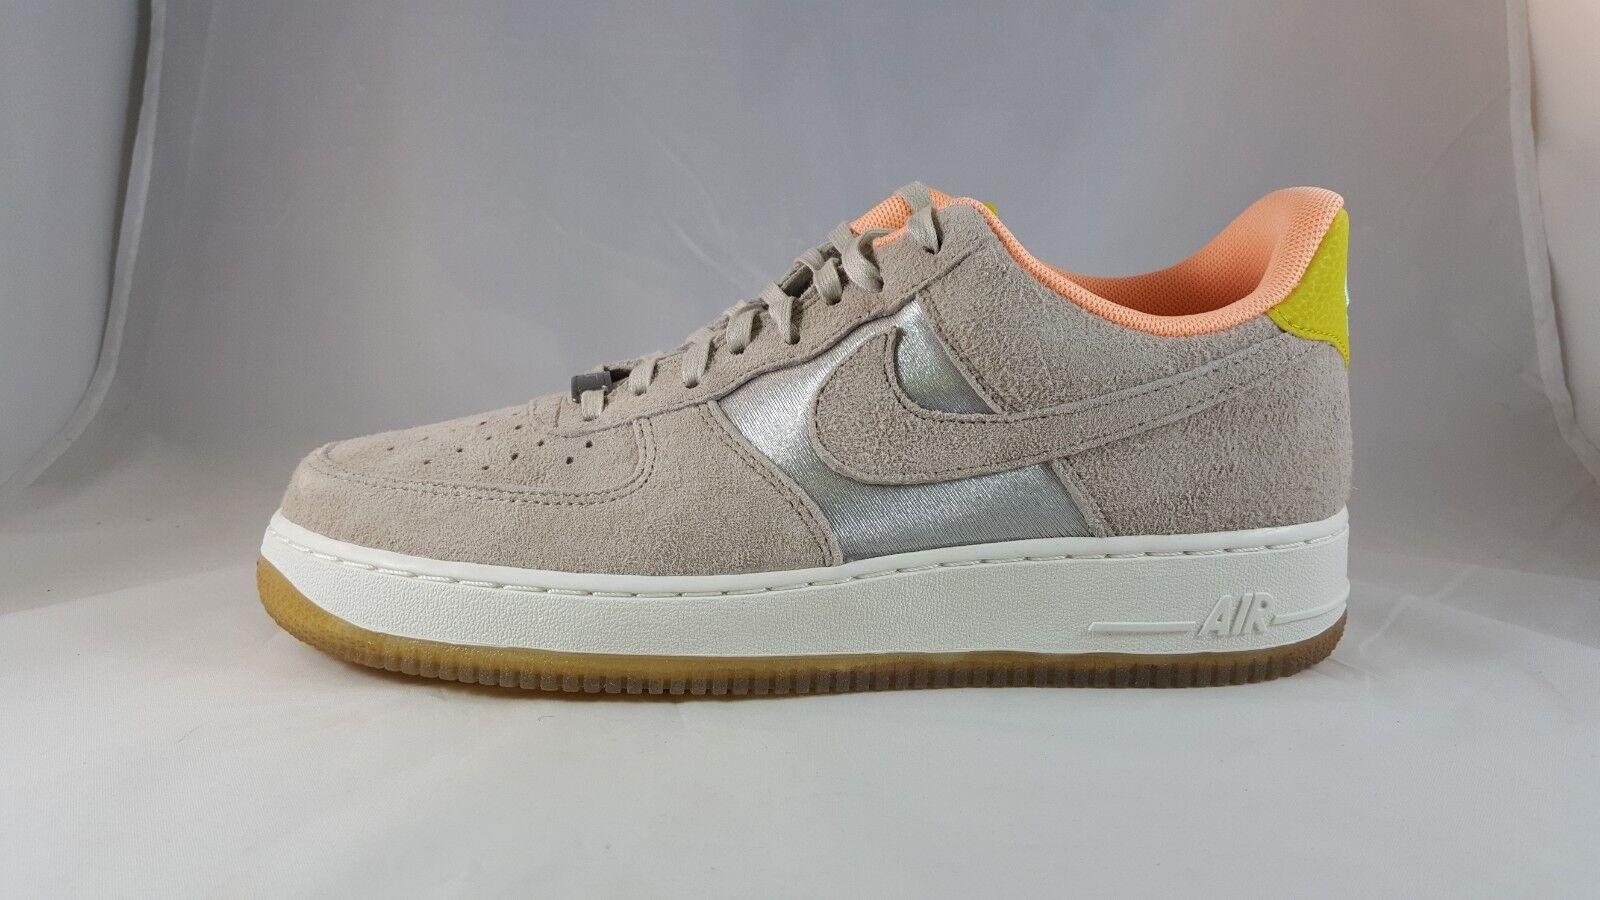 Nike Air Force 1  Suode Wouomo Fashion scarpe 616725 004 Dimensione 5  nuovi prodotti novità